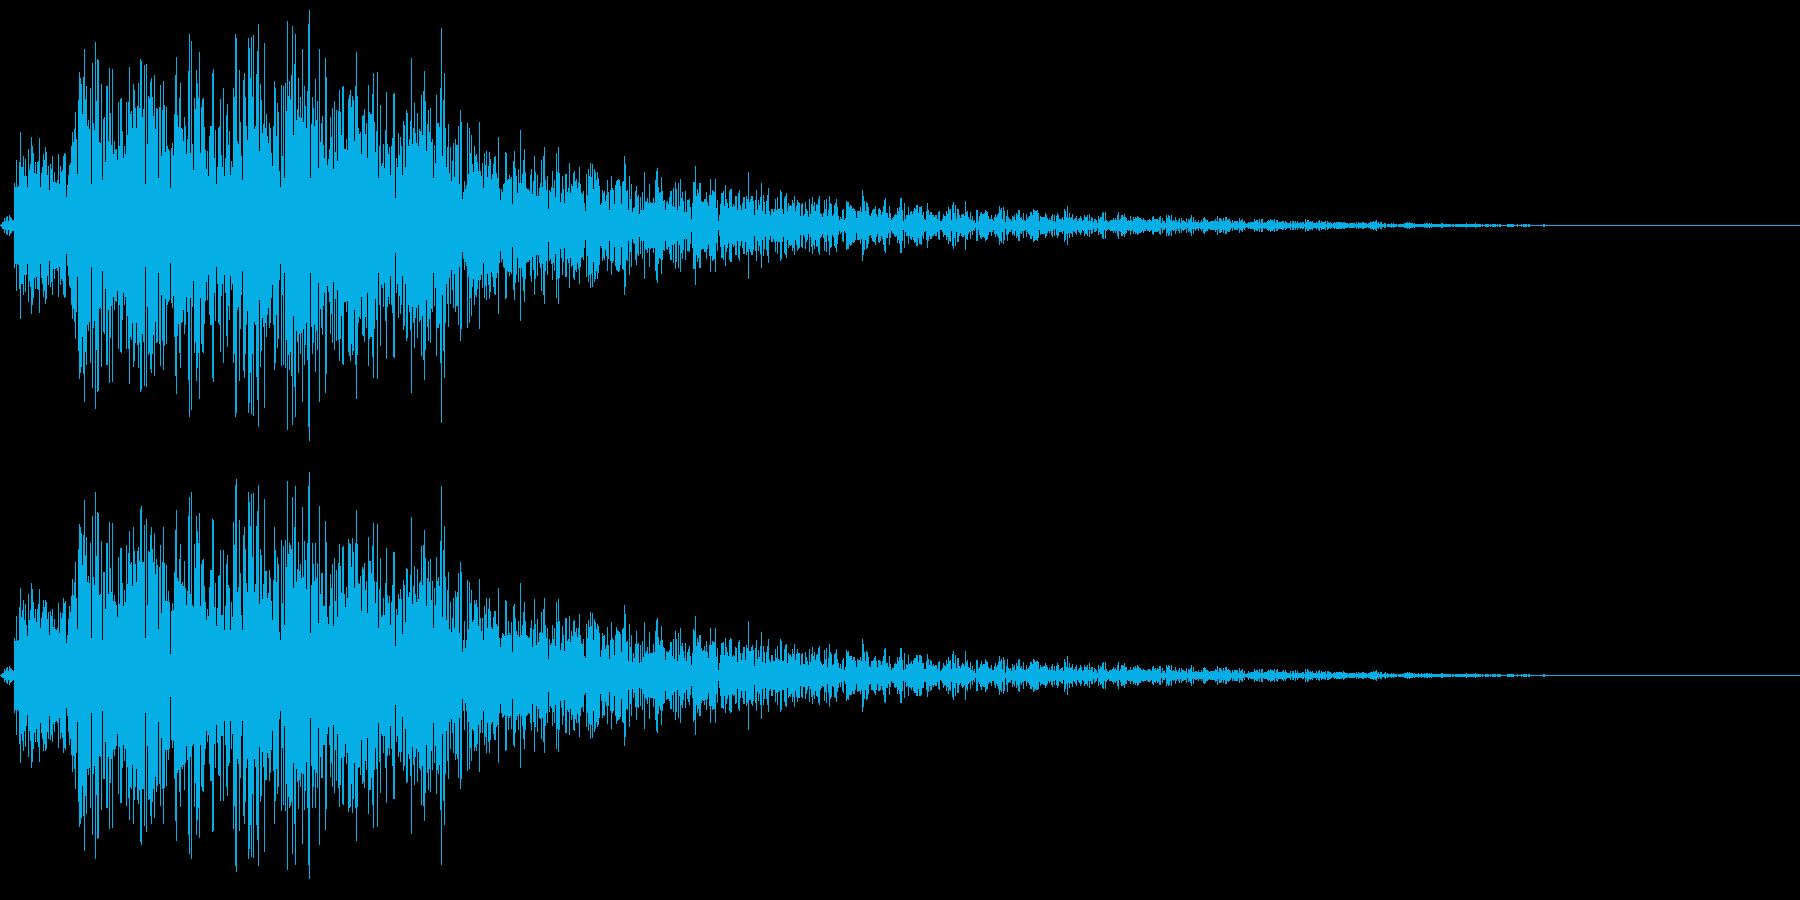 テレレレレン 場面転換の再生済みの波形